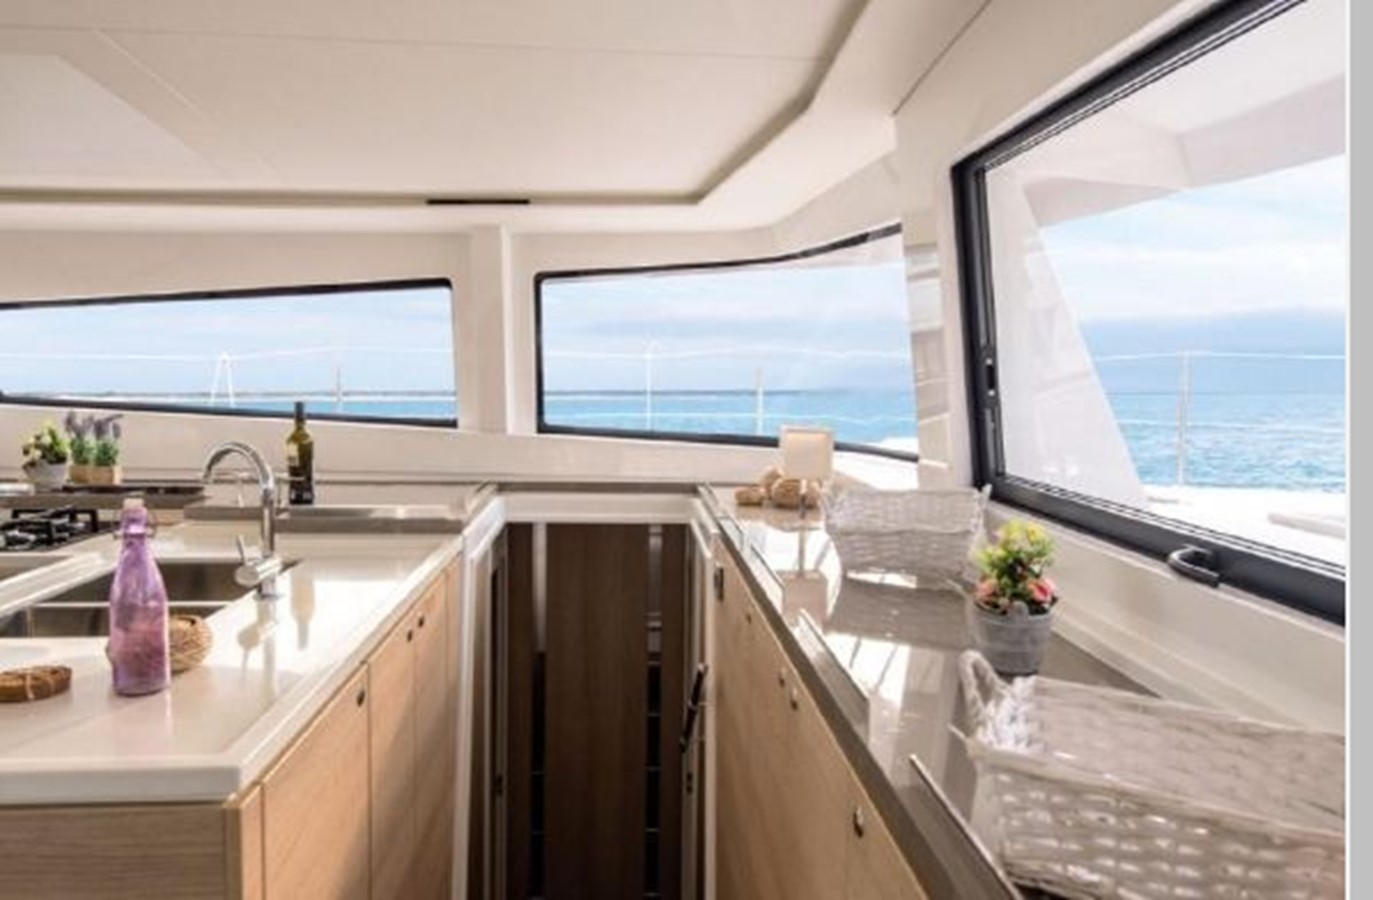 2019 CATANA Bali 5.4 Catamaran 2607500